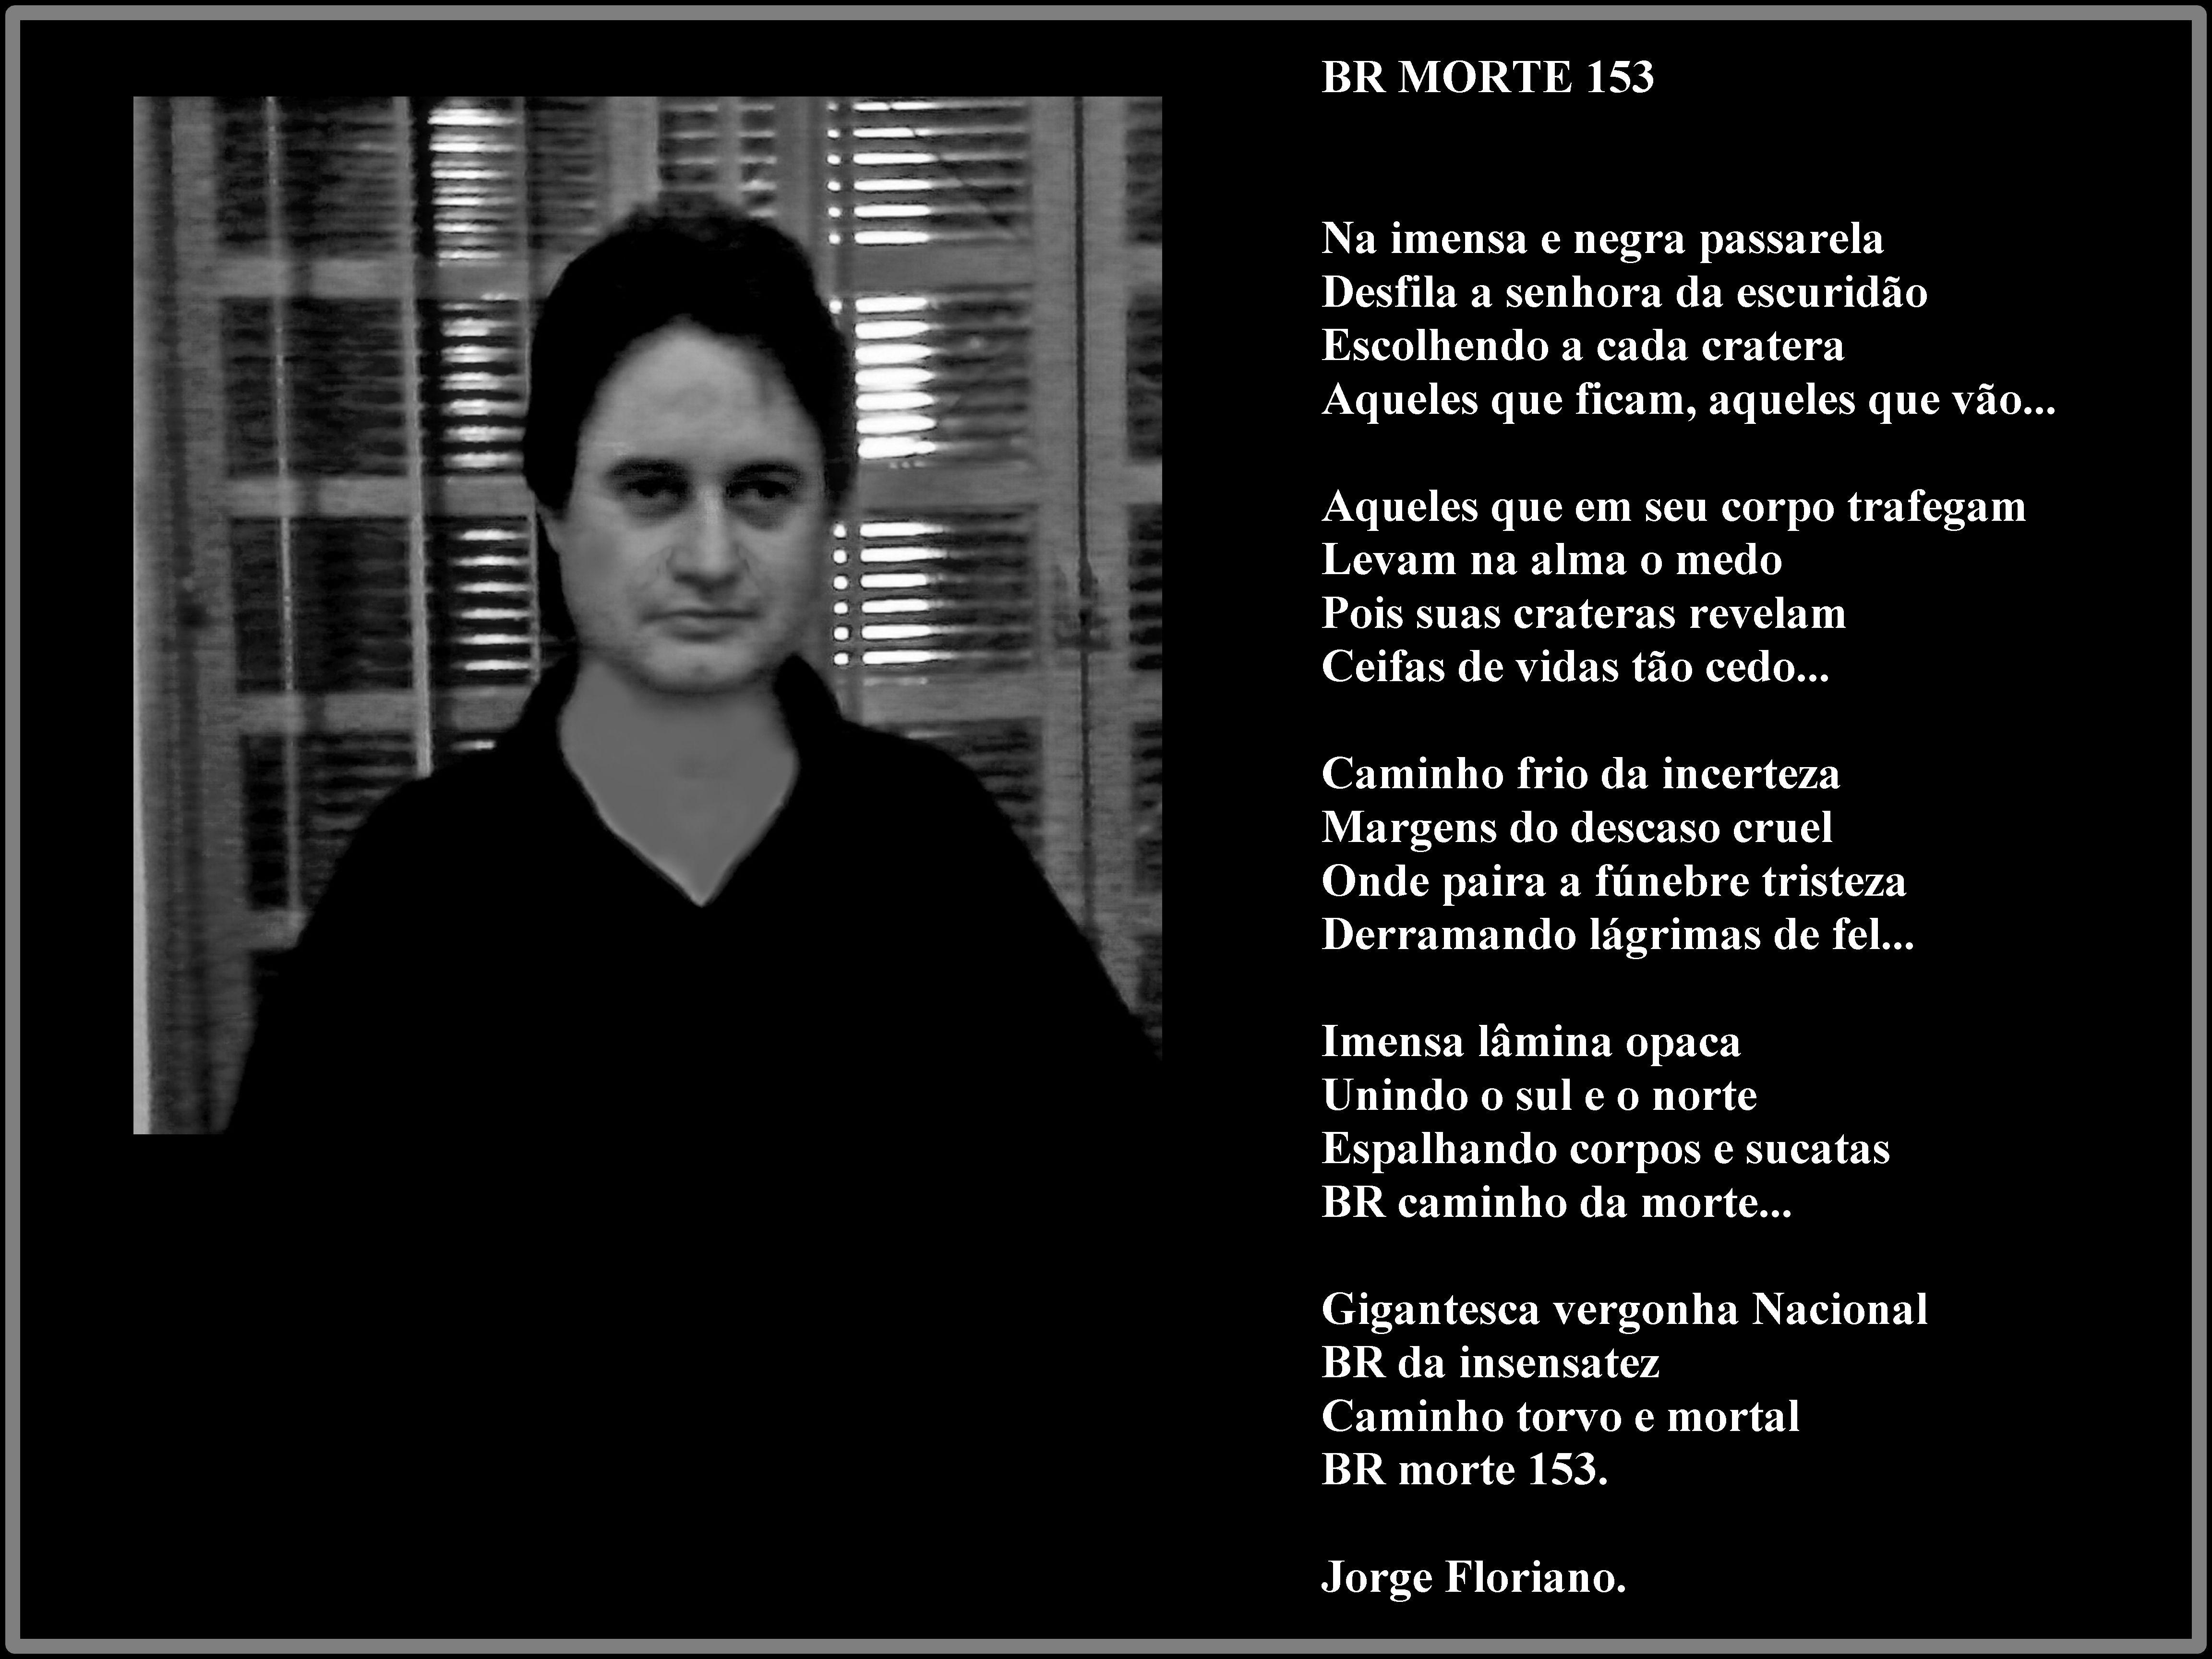 JORGE FLORIANO: BR MORTE 153